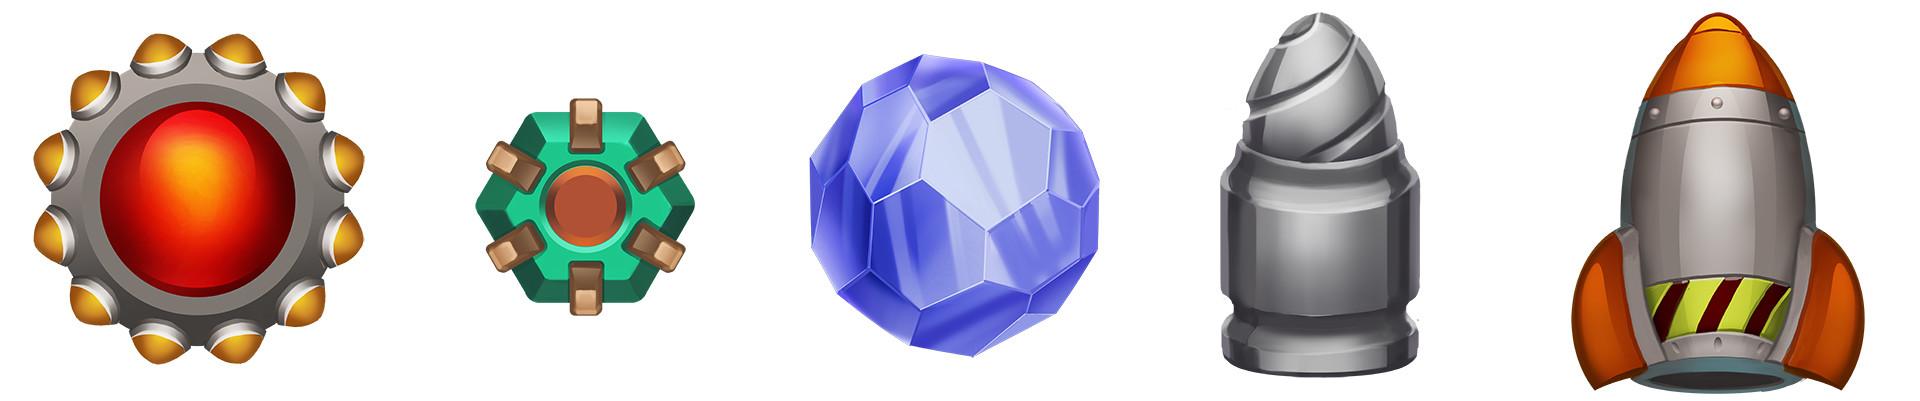 Shaun ellis jellycrushbombs web